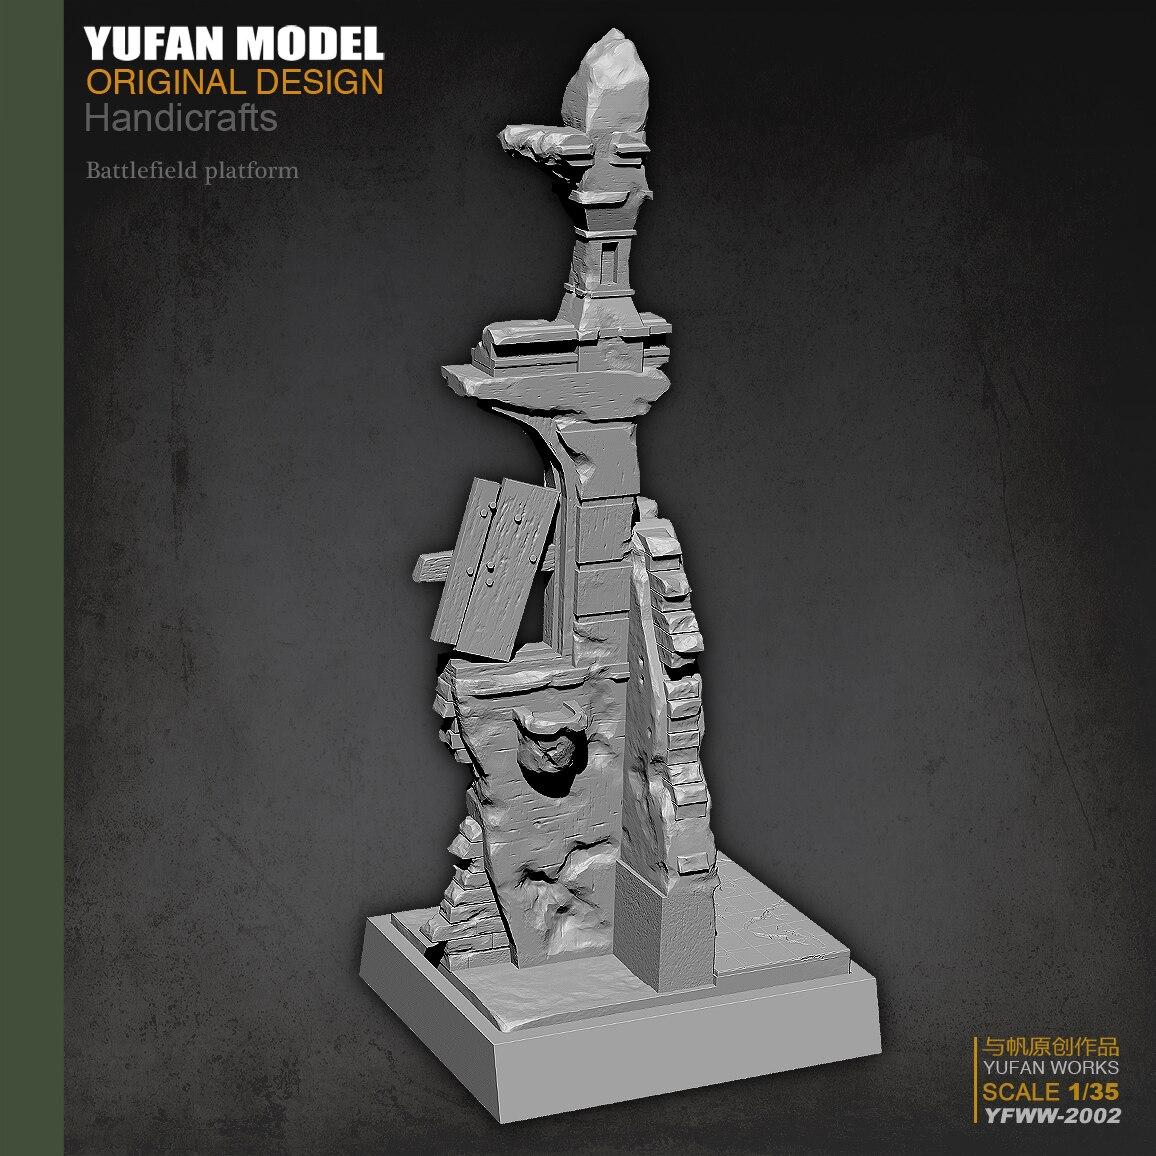 Yufan Model L 1/35  European Broken Wall Resin Platform Yfww-2002